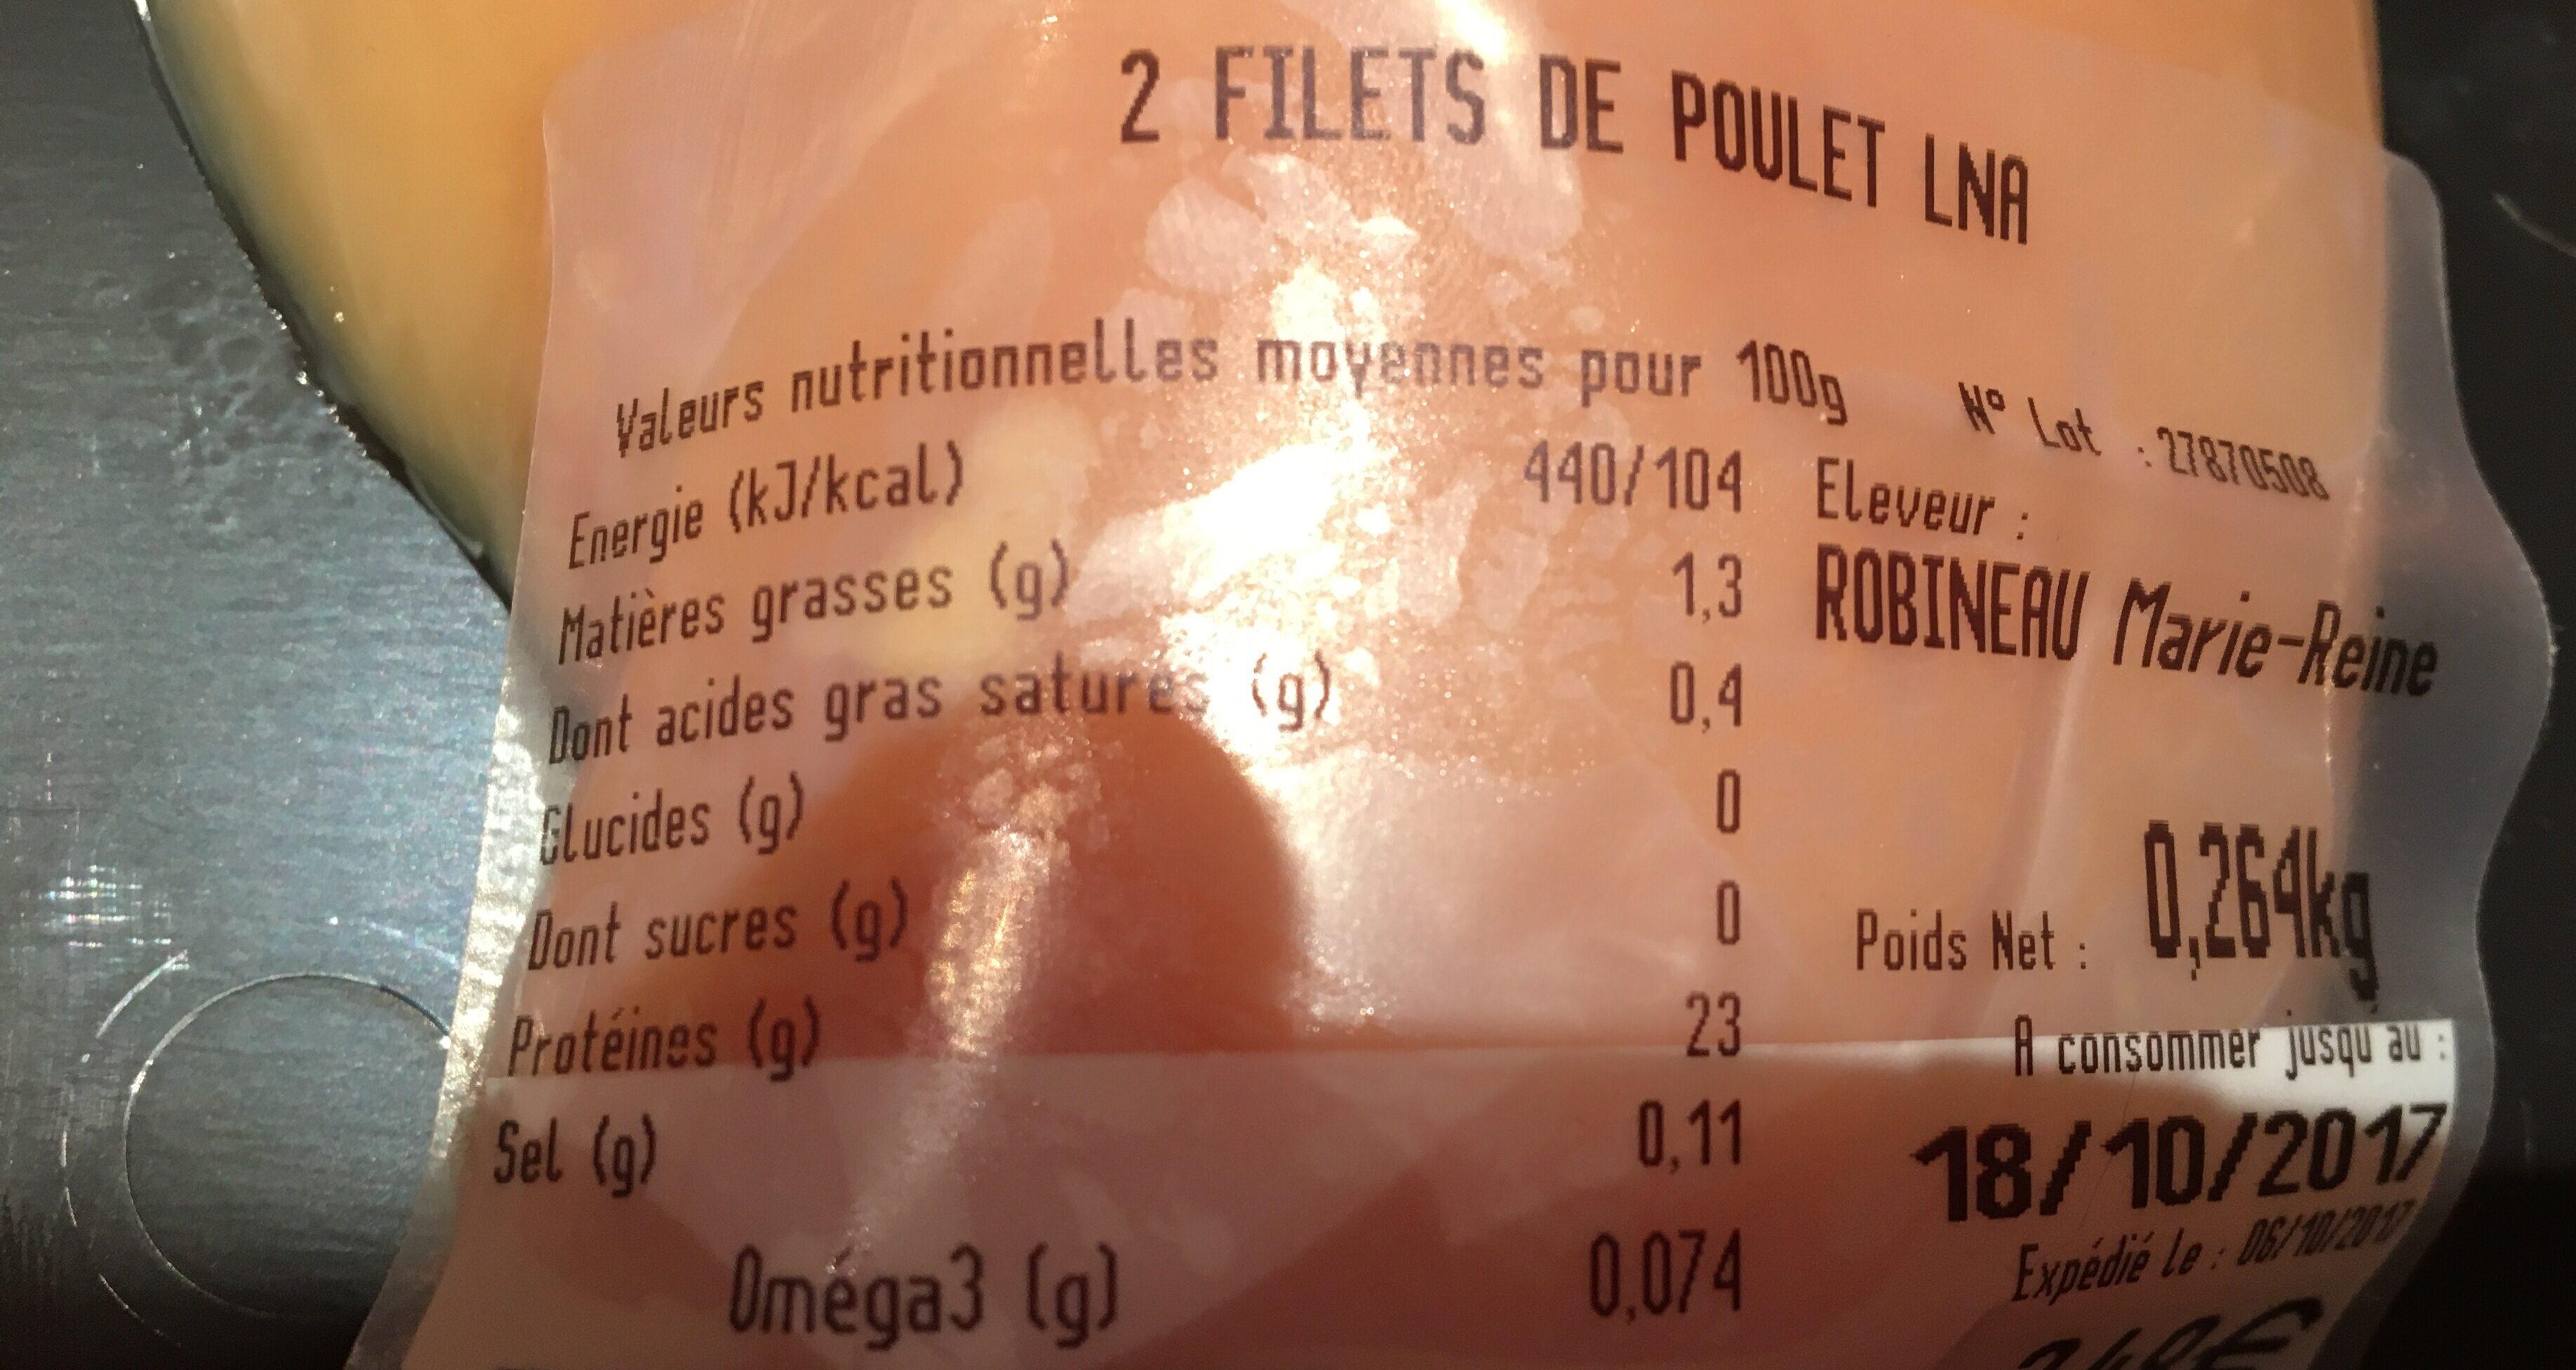 Filet de poulet - Ingrédients